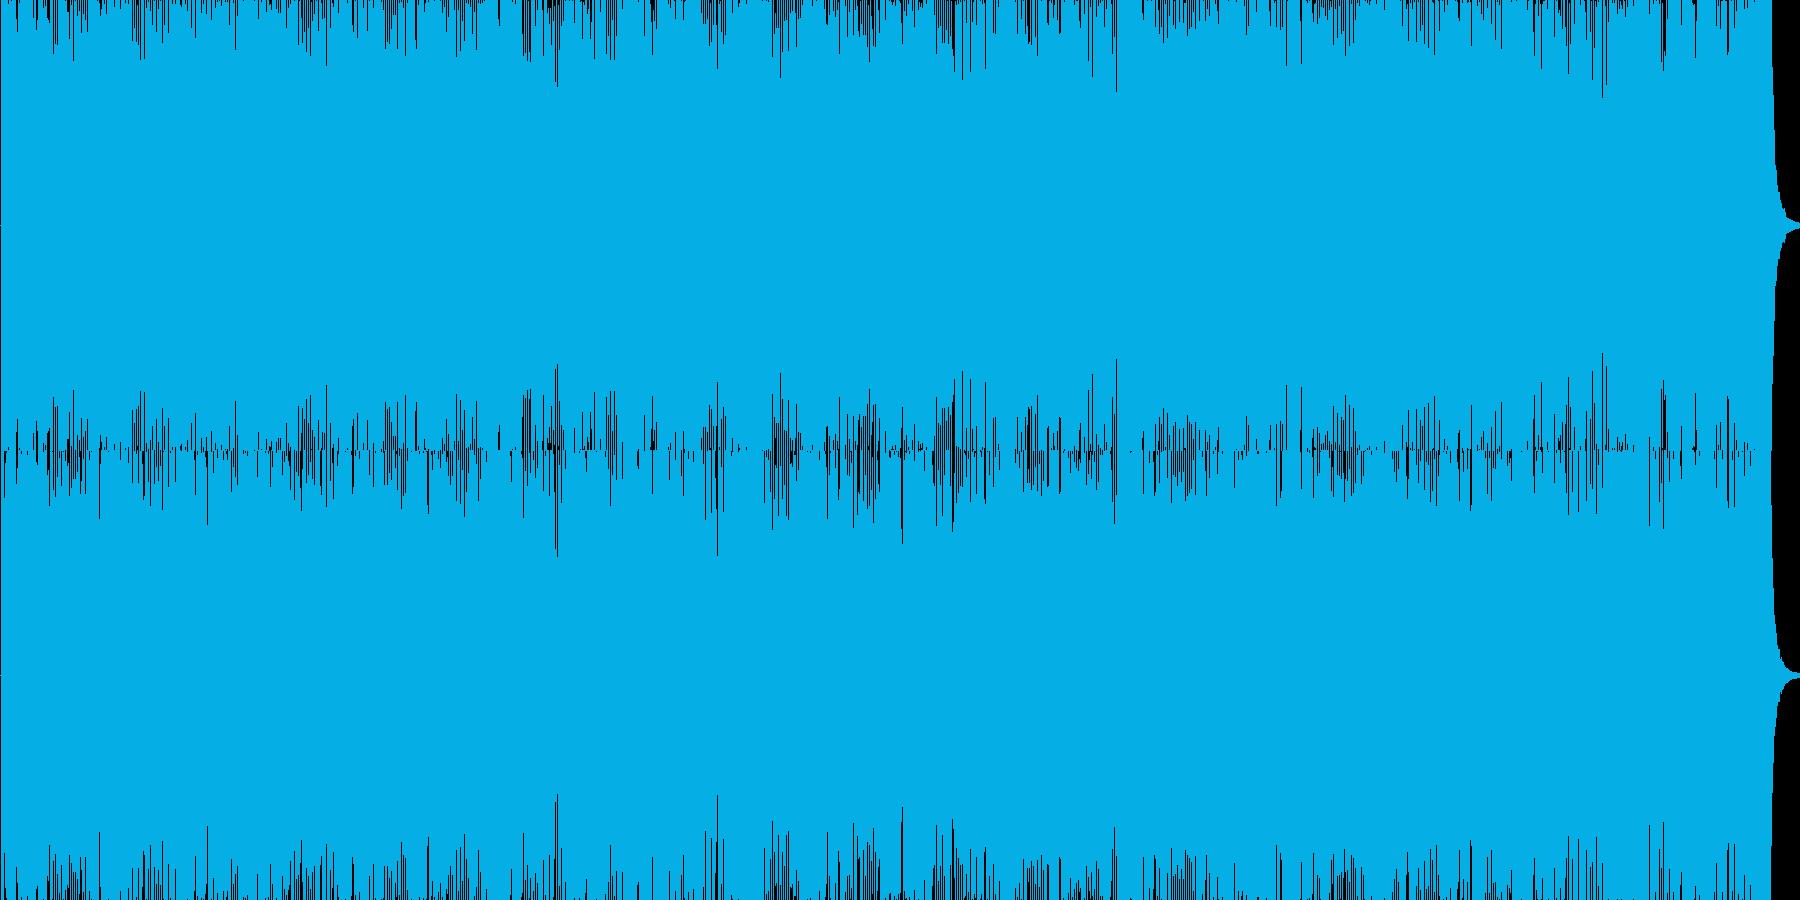 スリリングなサイバーバトルBGMの再生済みの波形